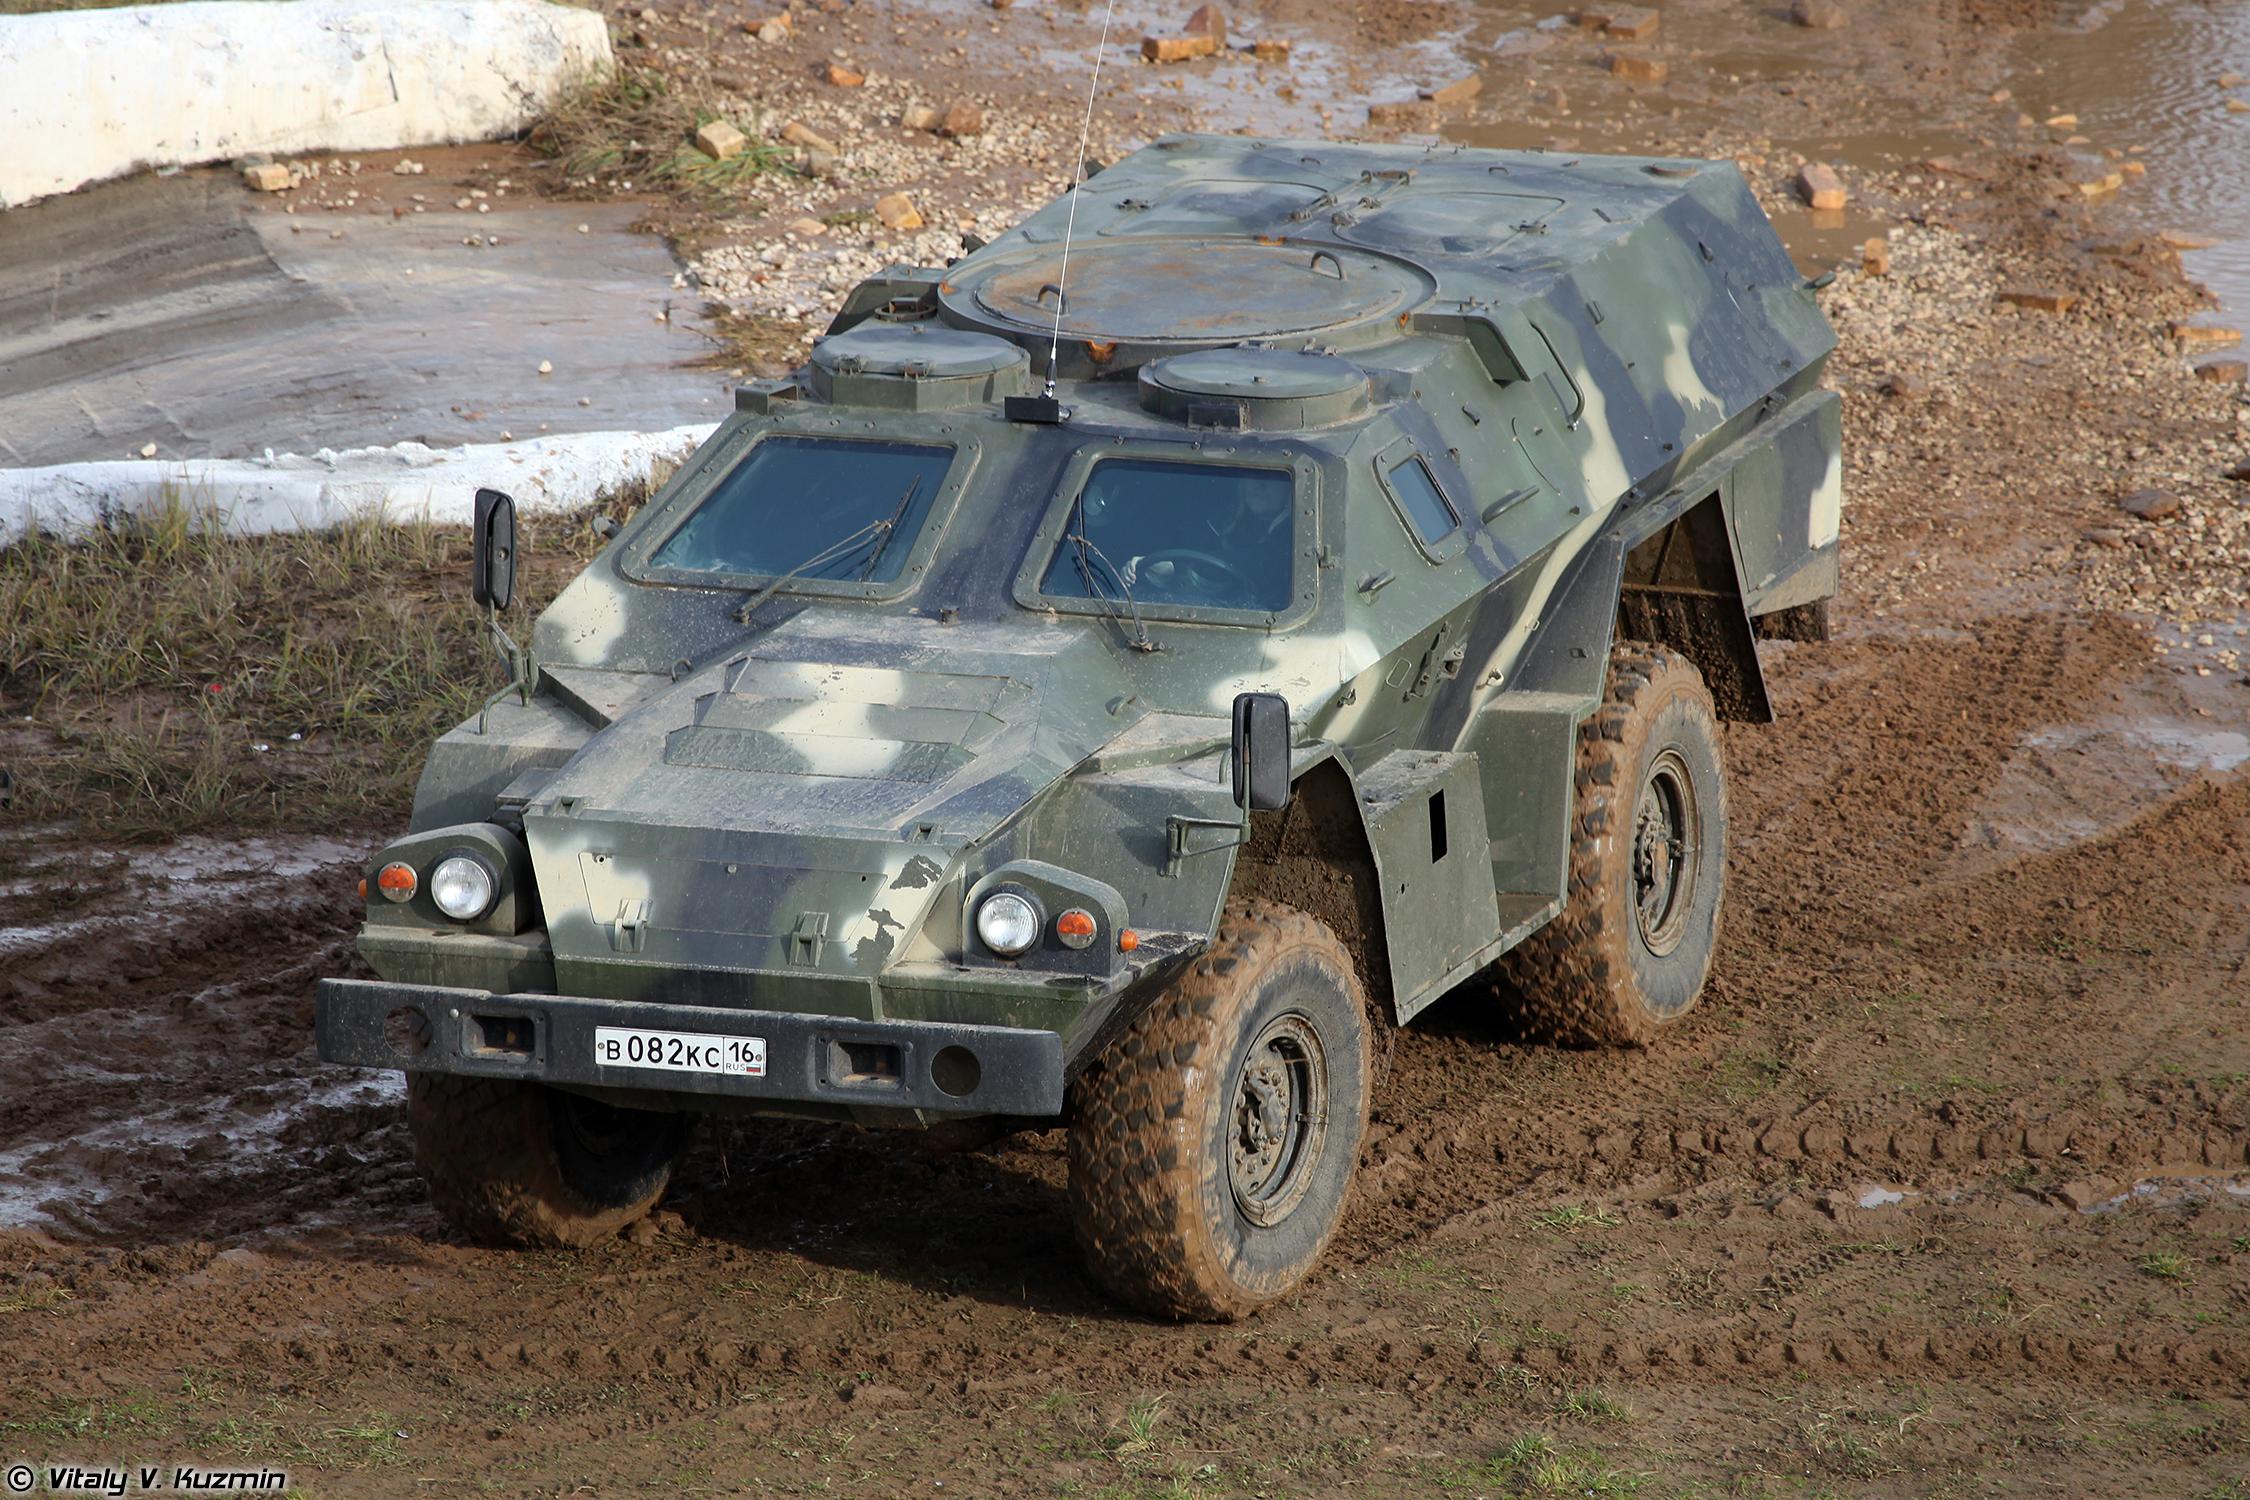 http://77rus.smugmug.com/Military/Interpolitex-2013/i-zK7wbbL/0/O/Interpolitex2013part03-20.jpg